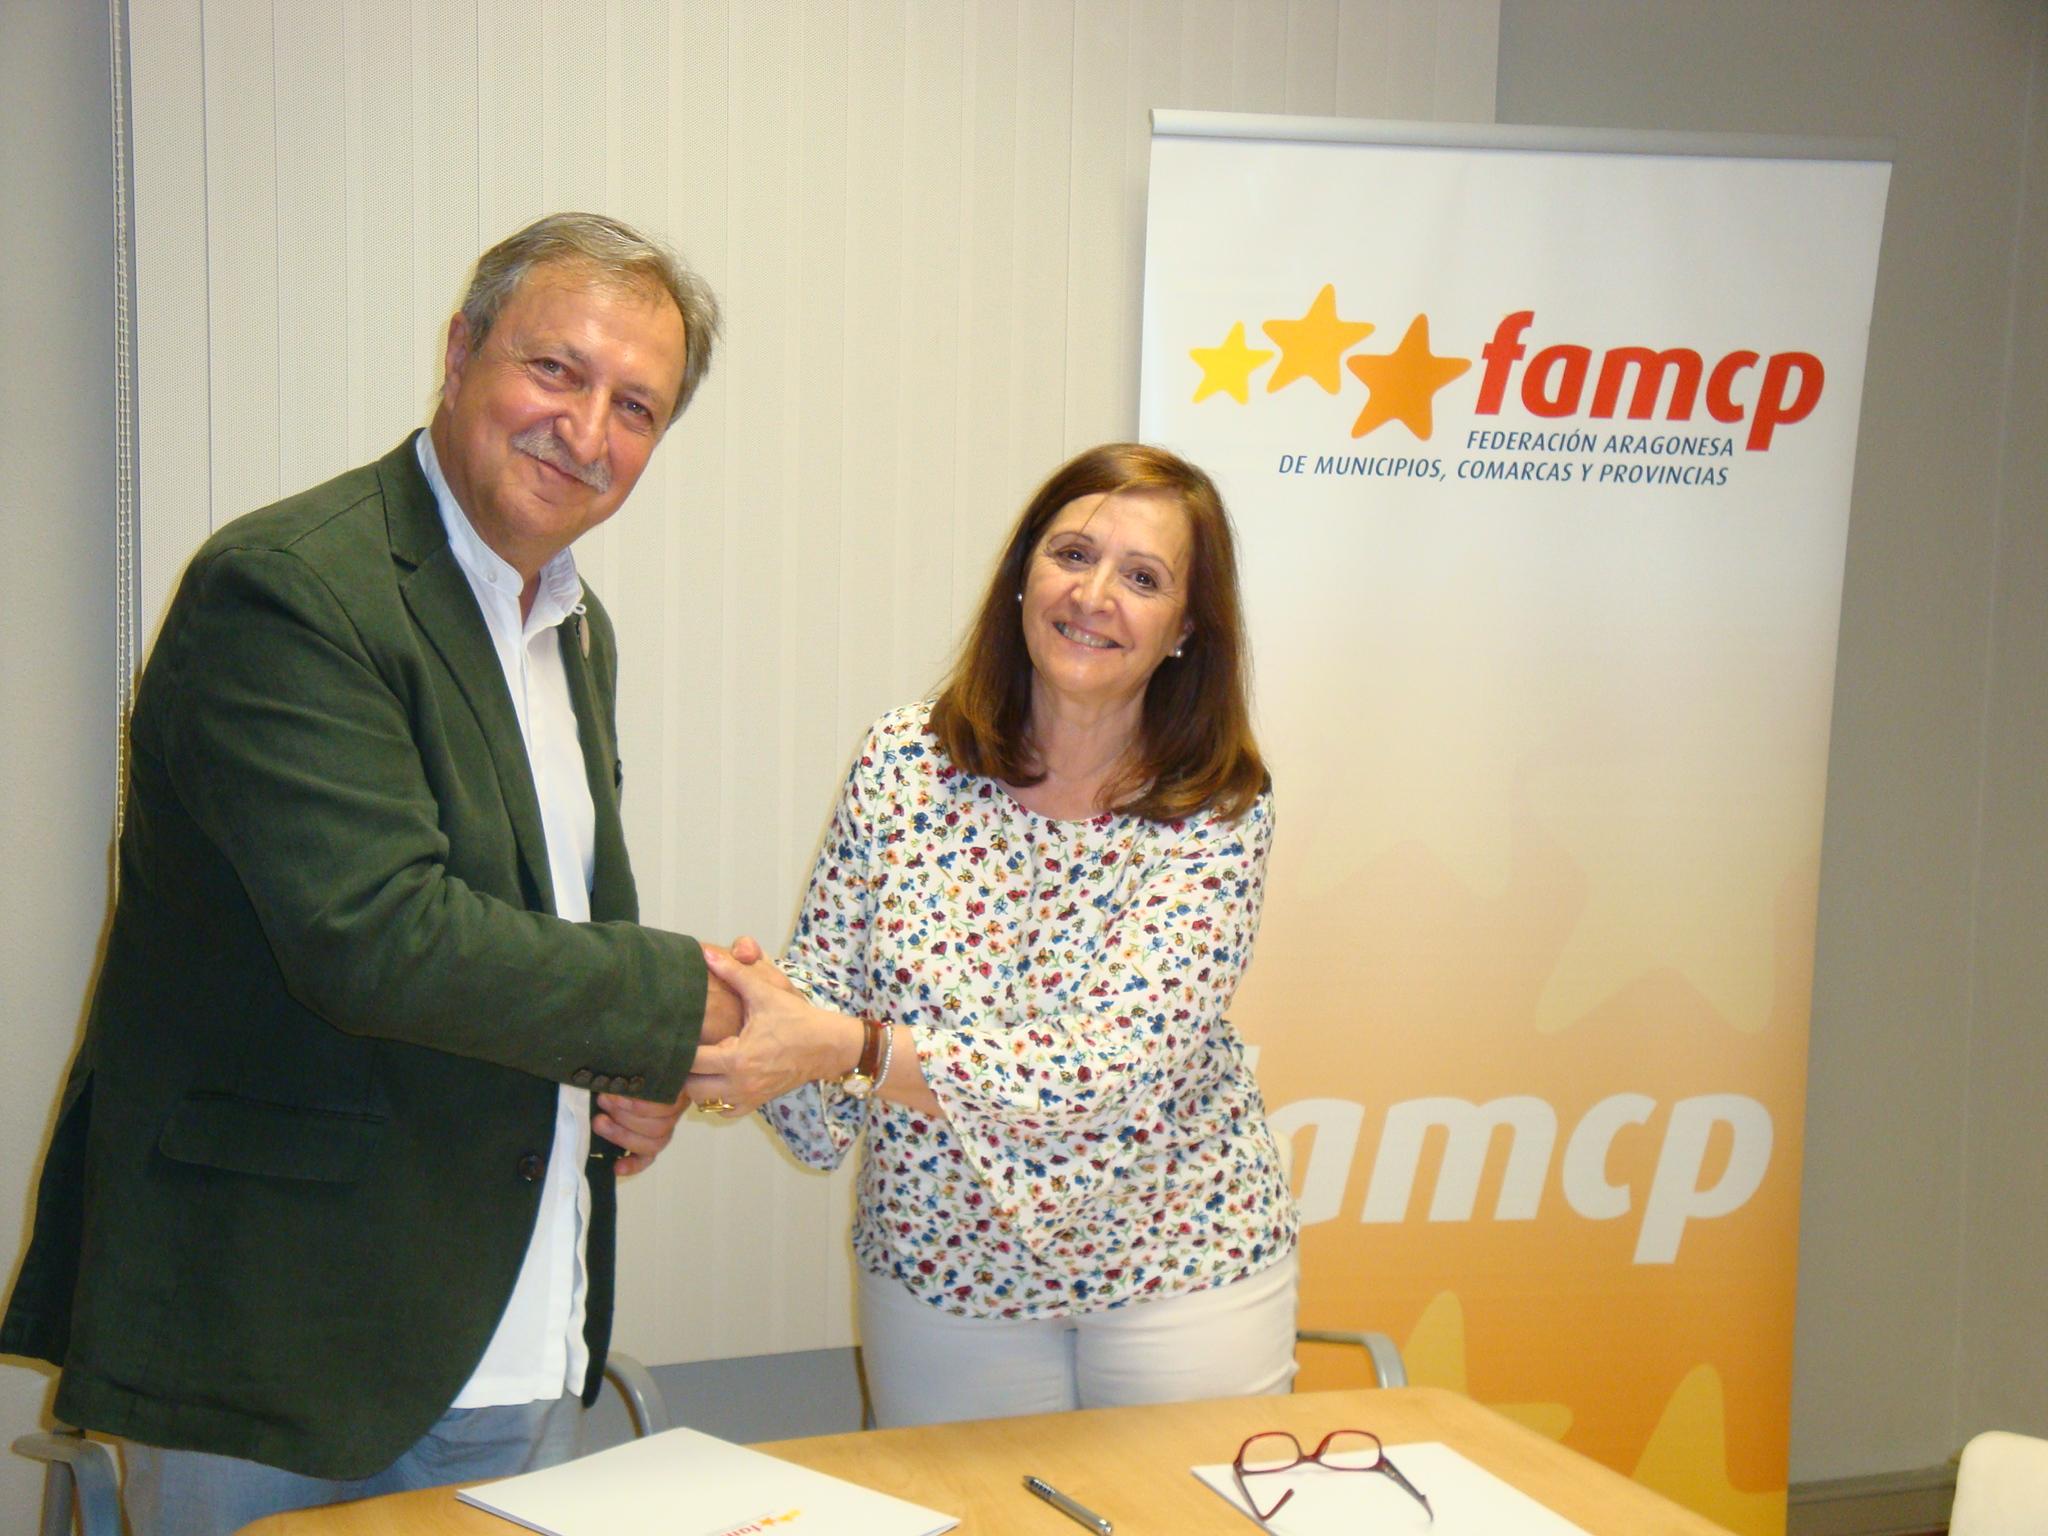 Lobatón y Sánchez tras la firma del convenio de colaboración